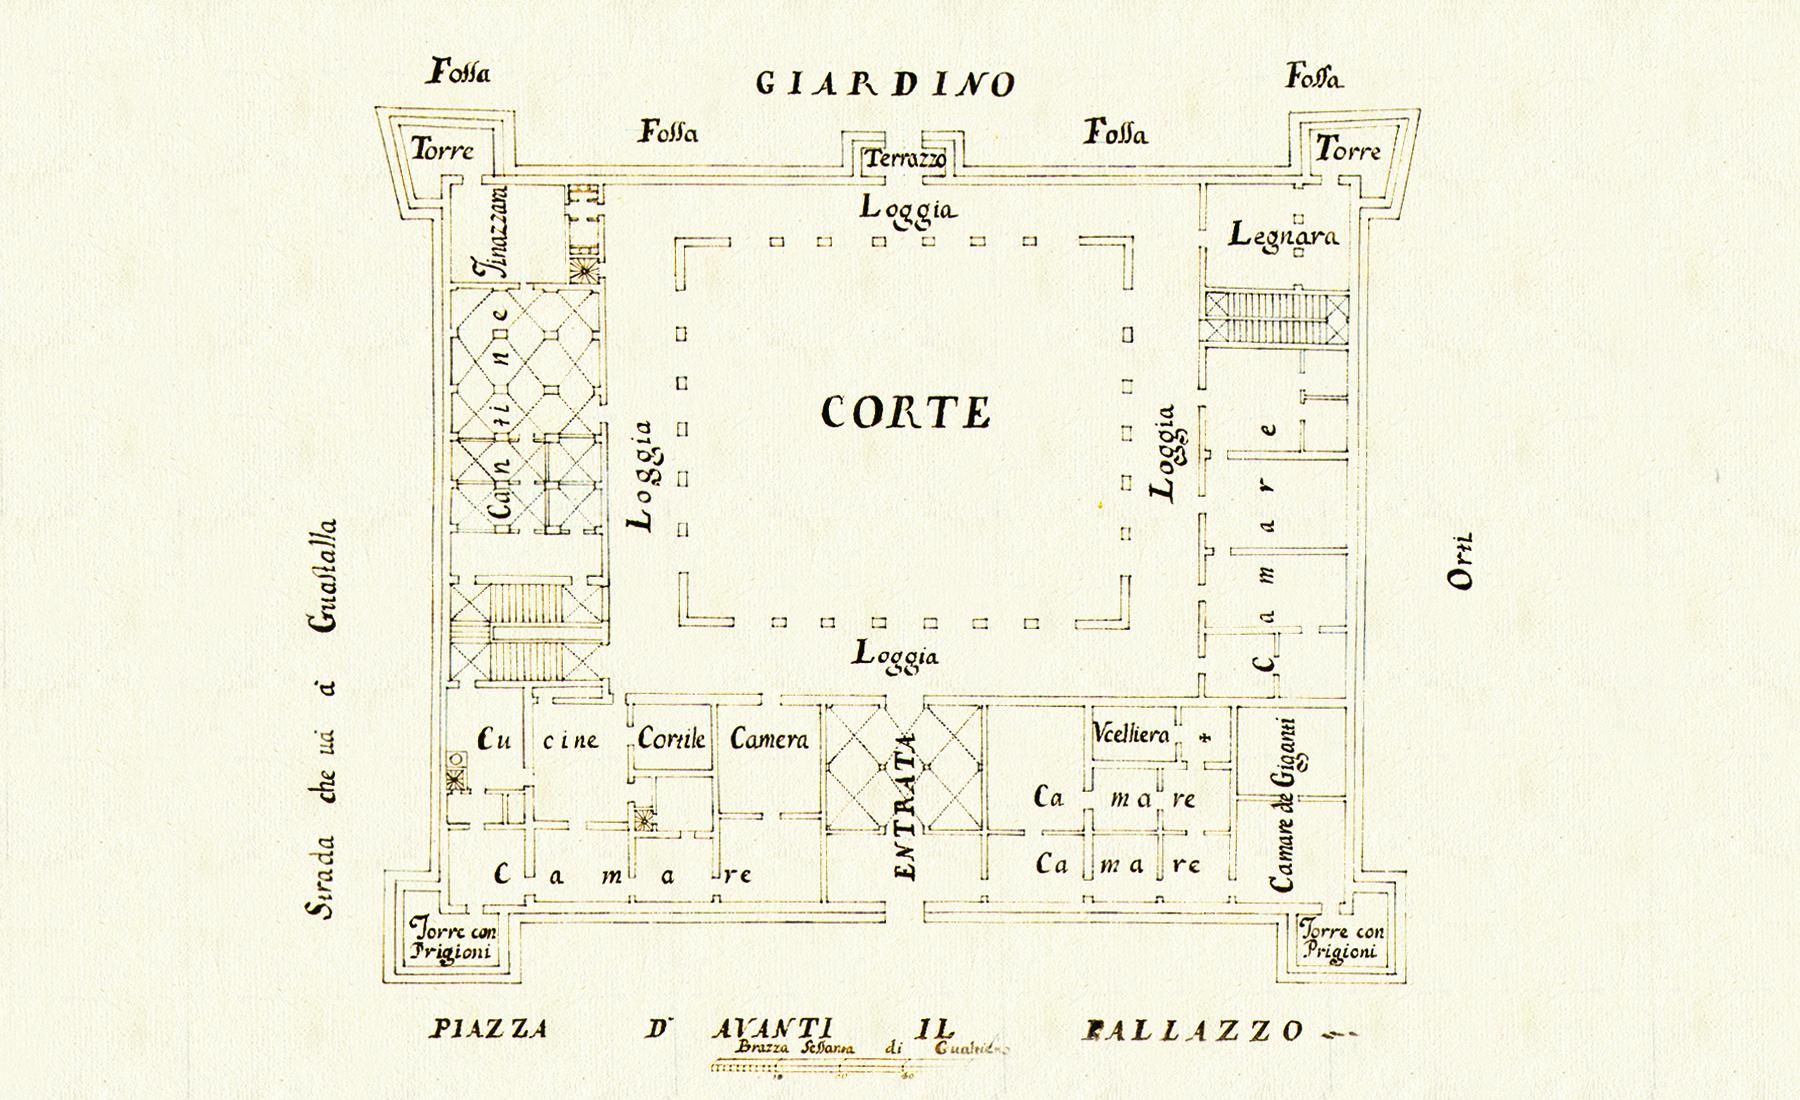 Teatro Sociale Gualtieri – Pianta Bondadini 1726 1800×1100